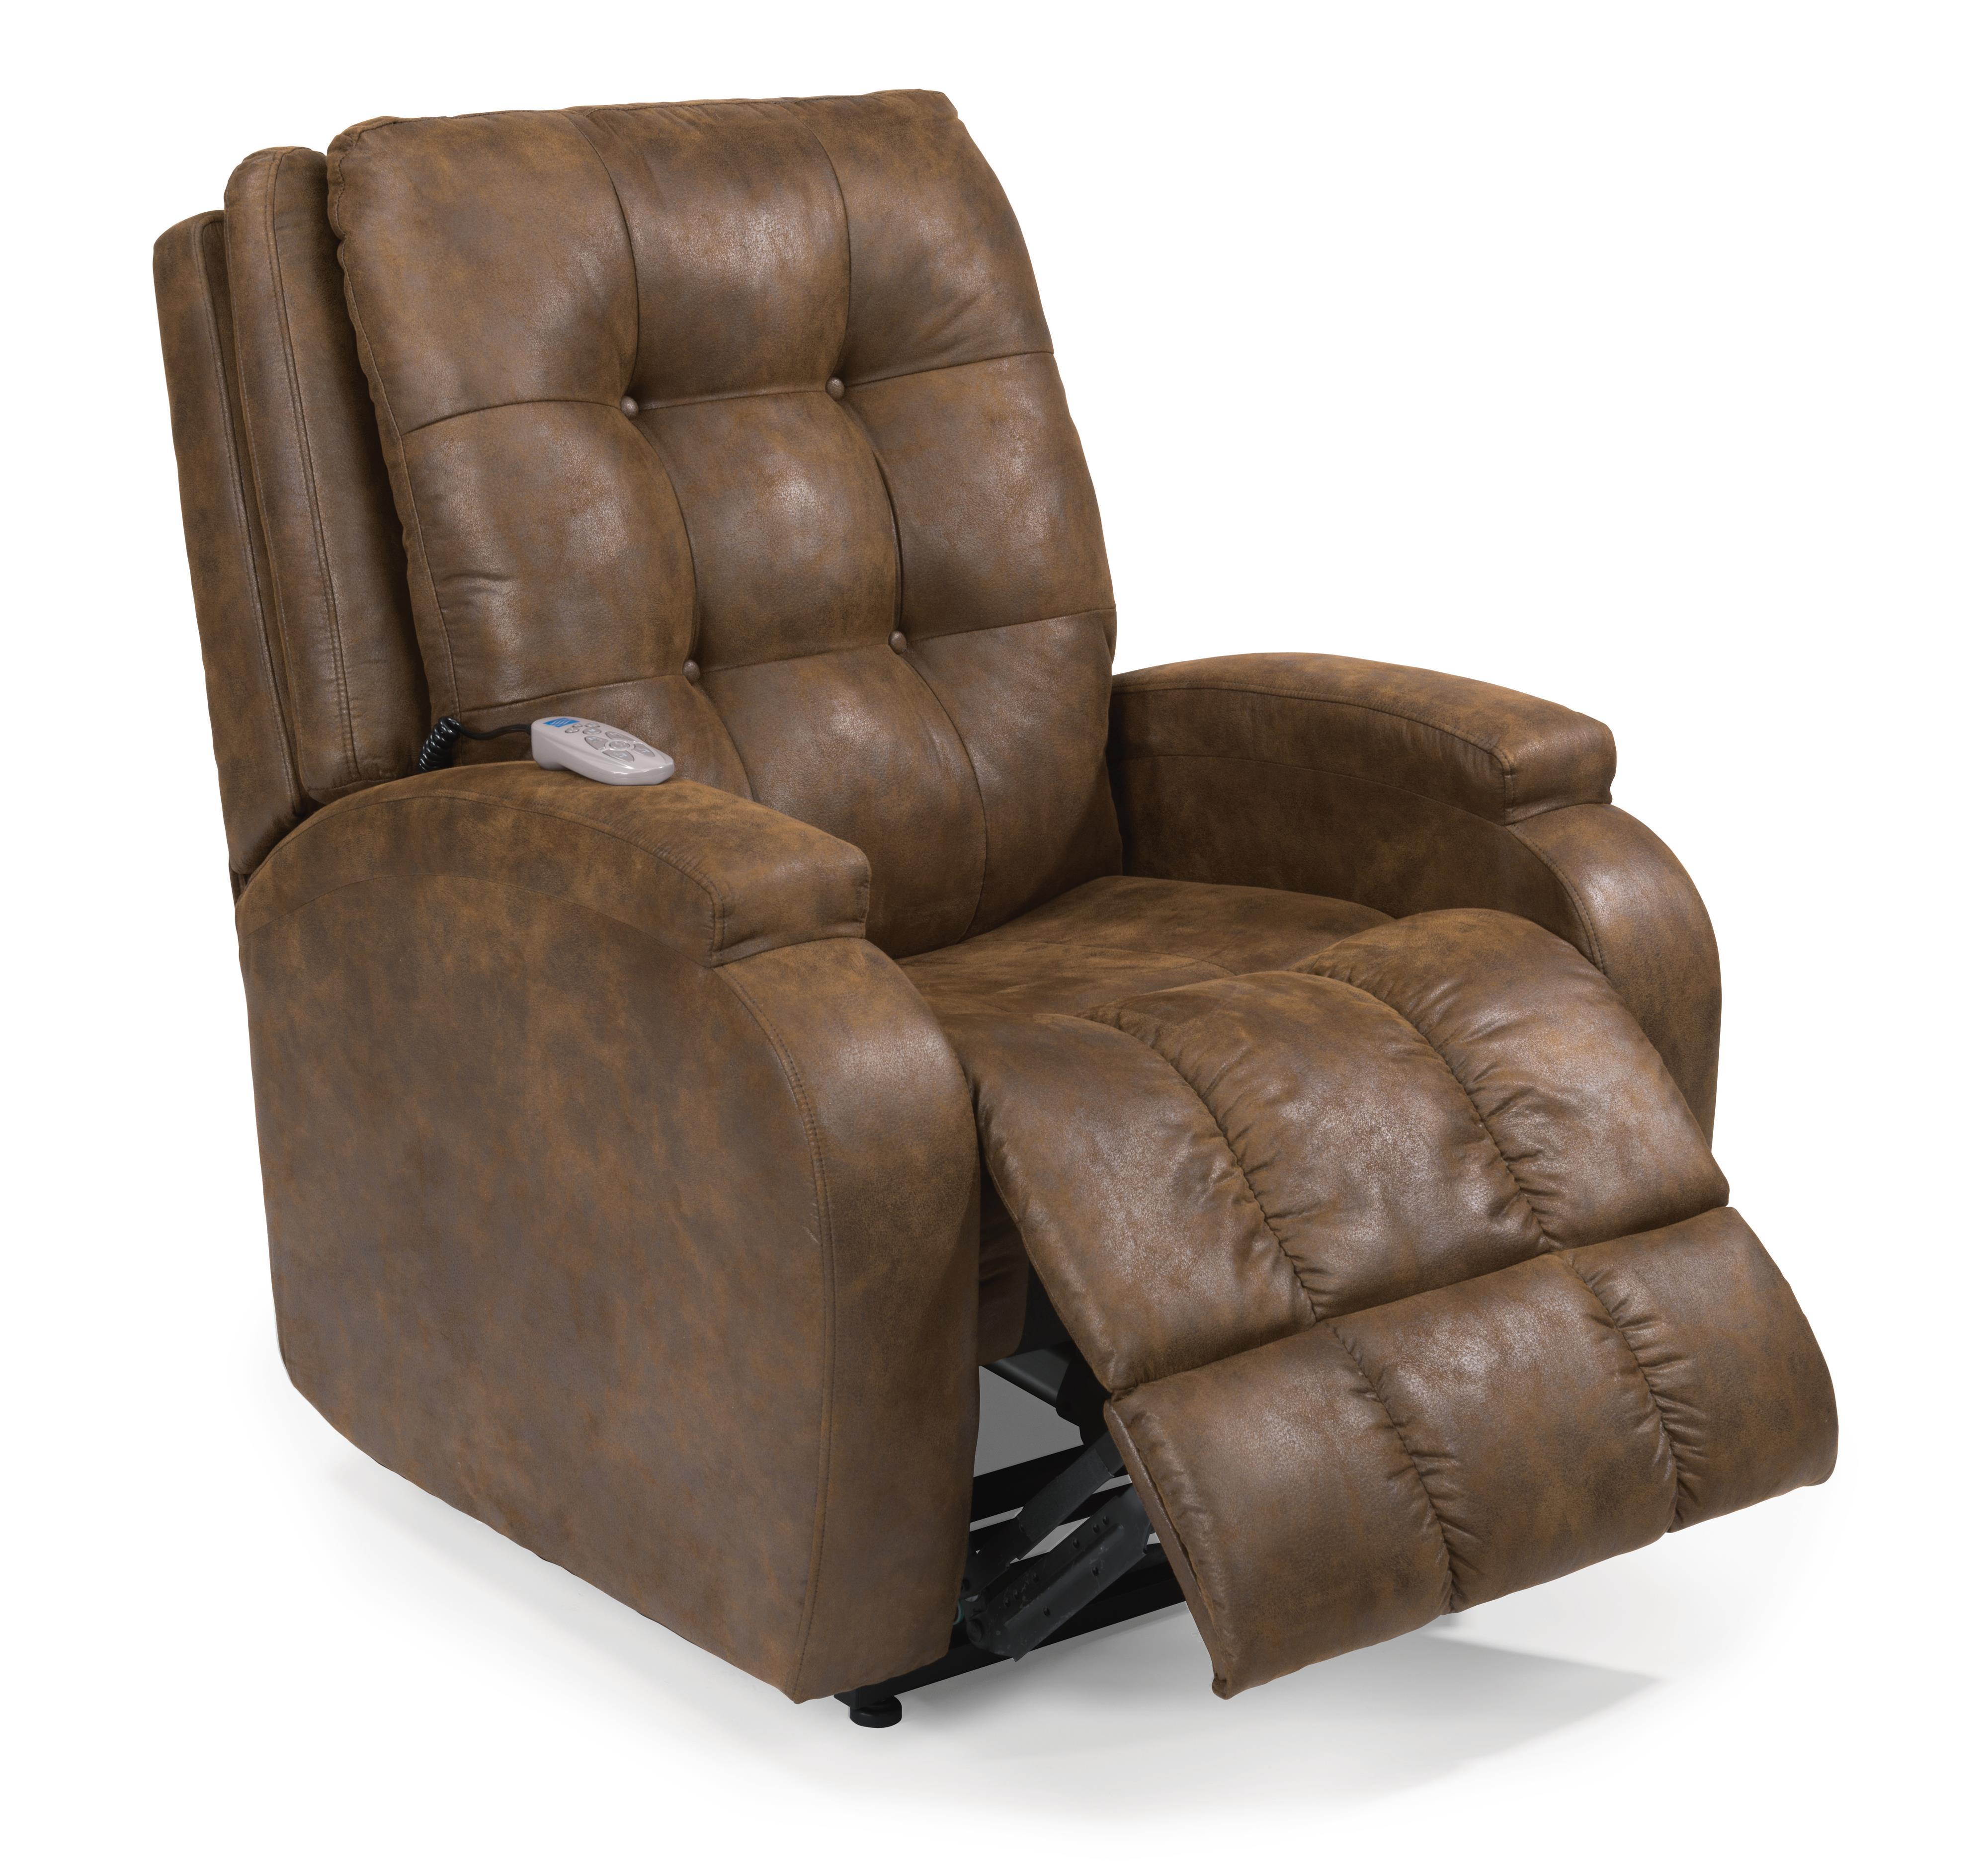 Flexsteel Latitudes Lift Chairs Orion InfinitePosition